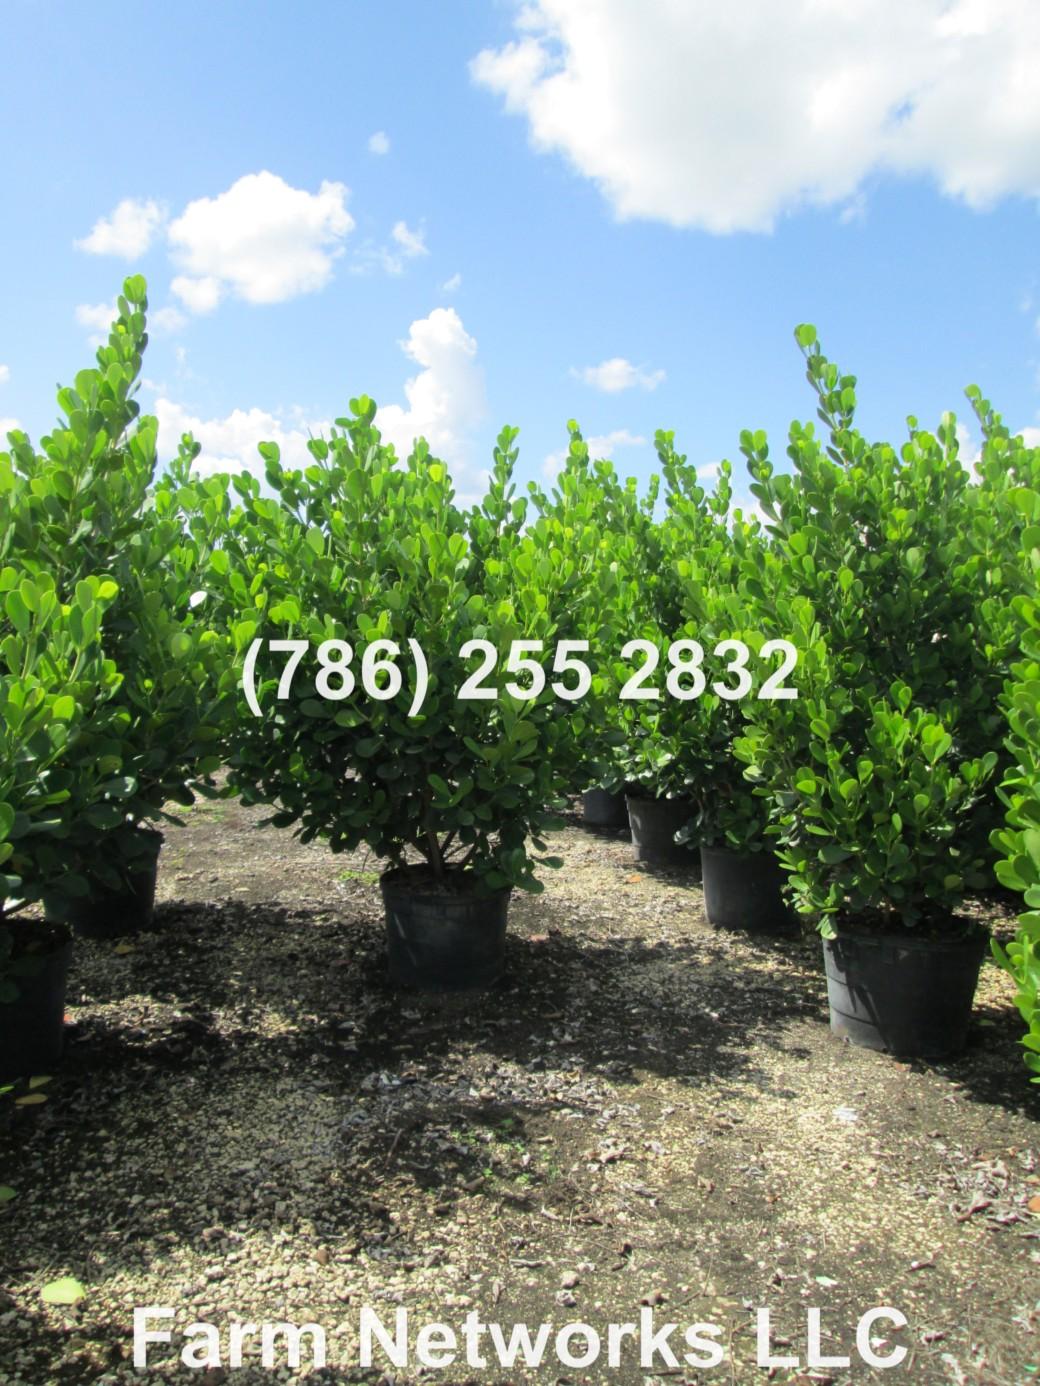 Clusia Hedge Plant Nursery